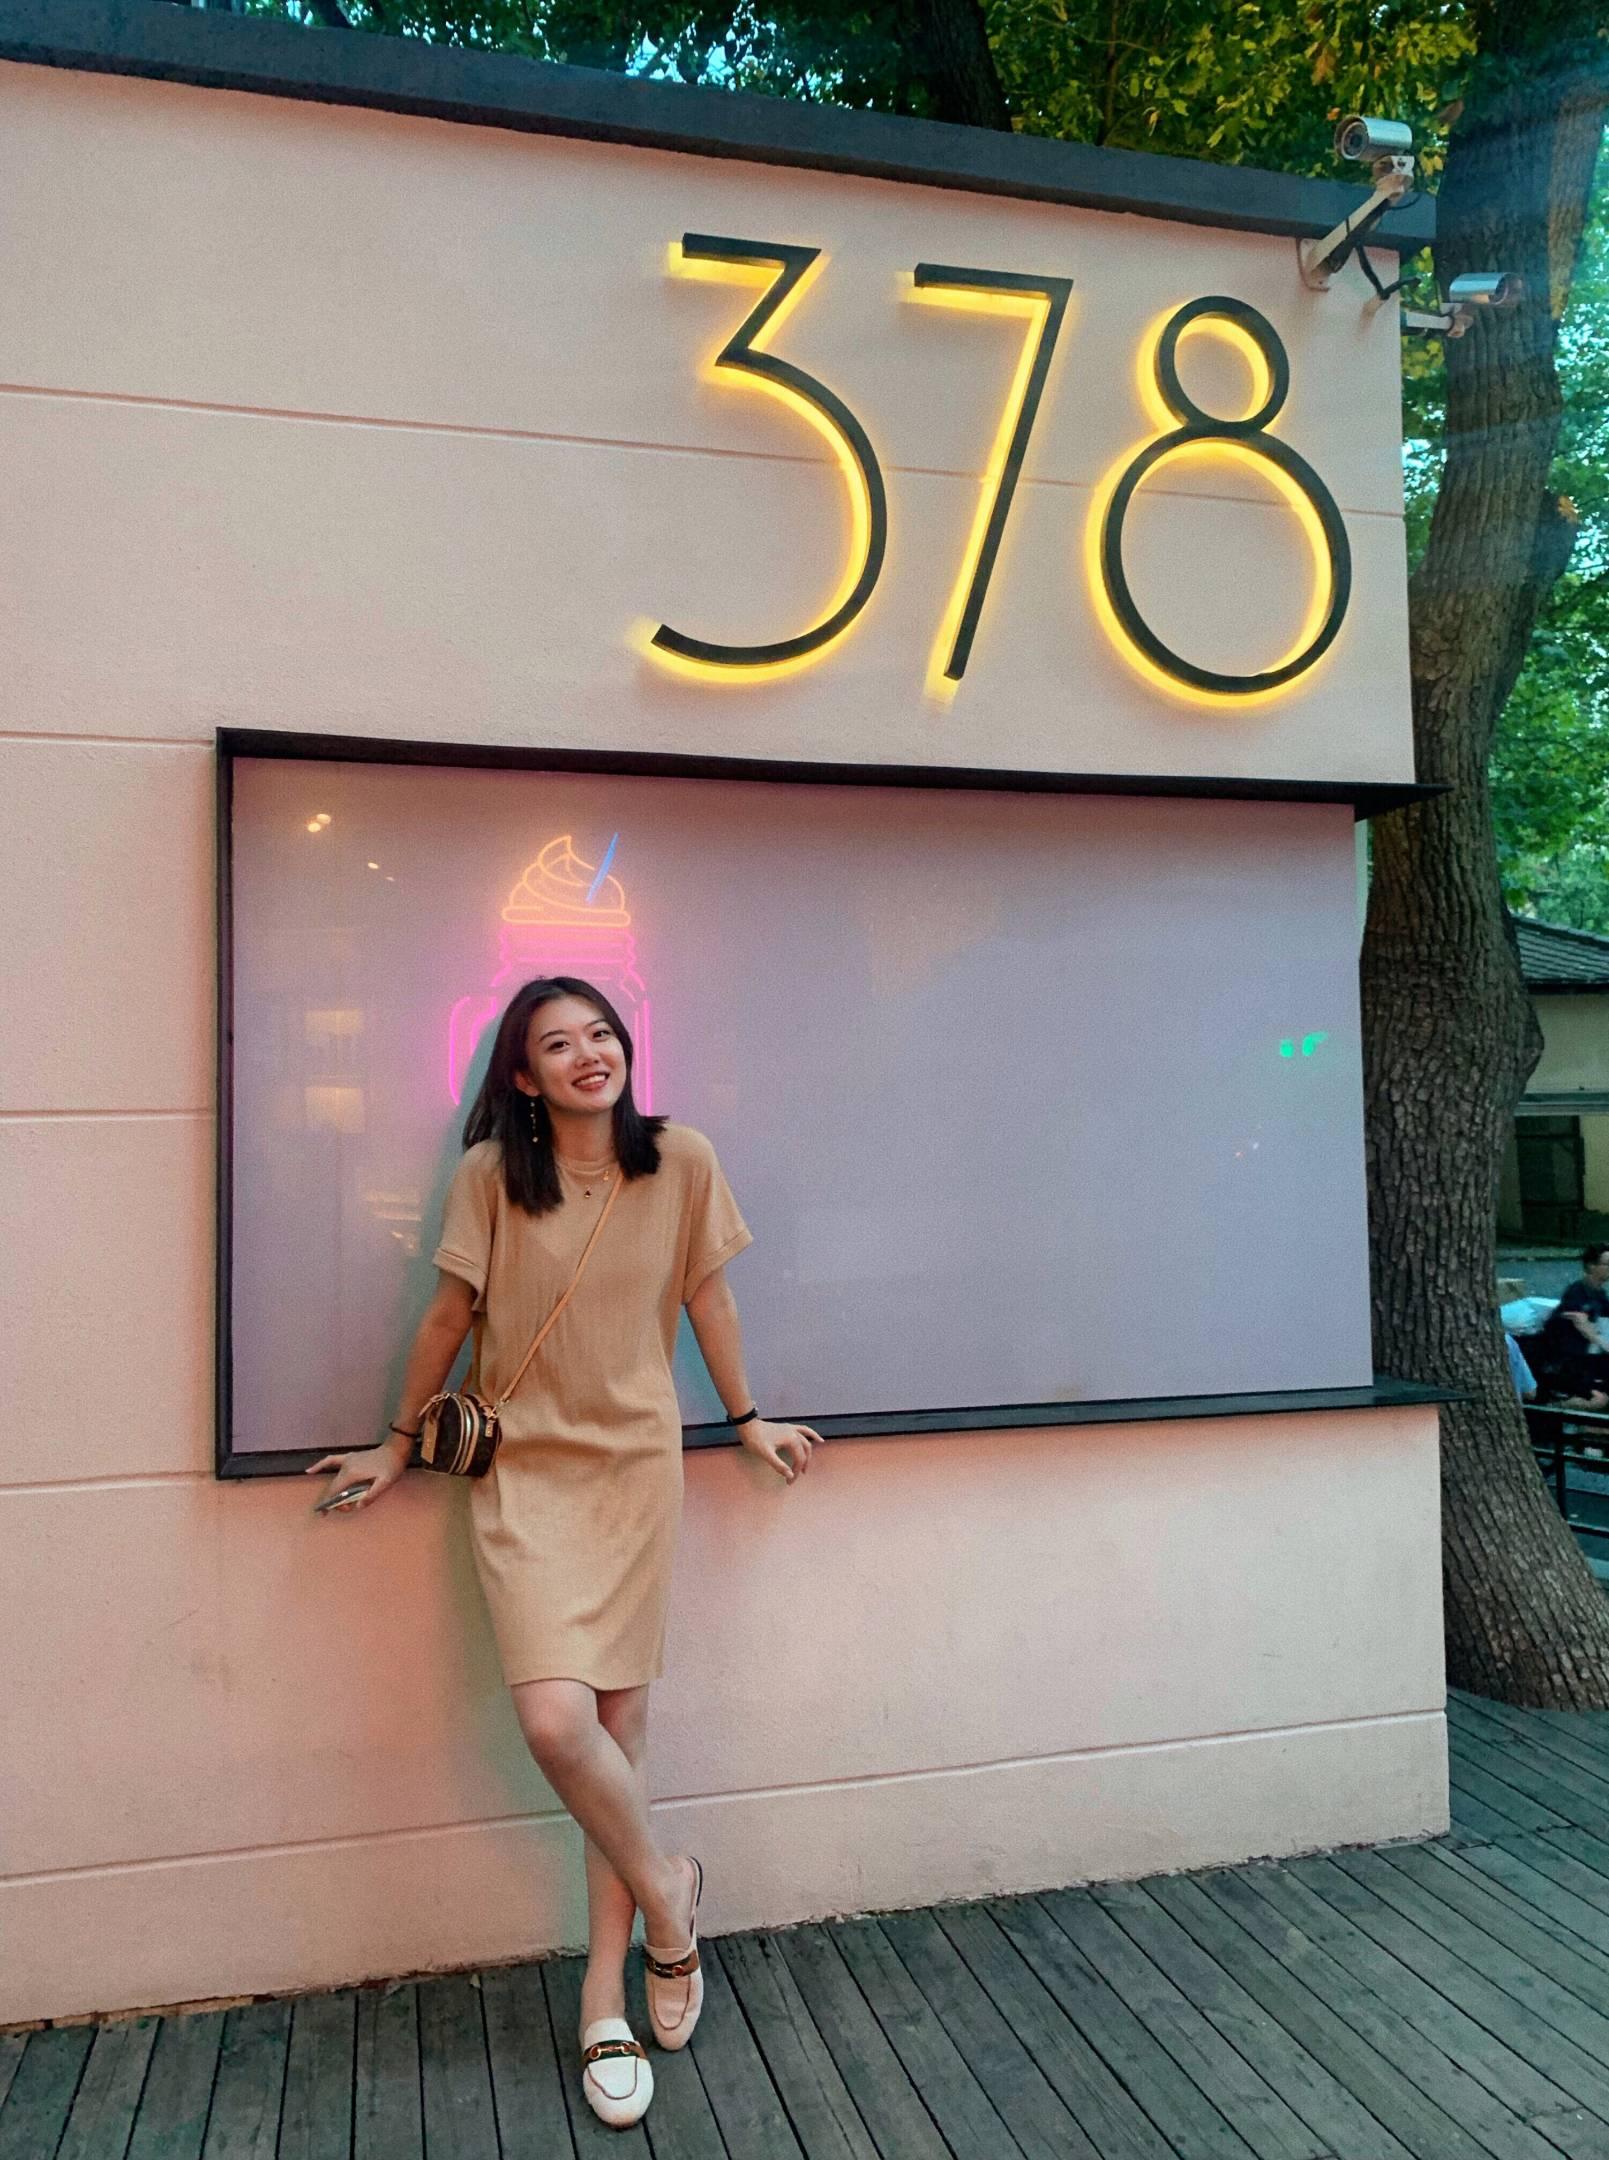 上海  喜欢玩但也很宅 /爱美食爱旅行爱生活 /很双子想有人督促我健身减肥哈哈哈哈  喜欢旅行/ 心智成熟/ 高高帅帅的 最好抗的动我